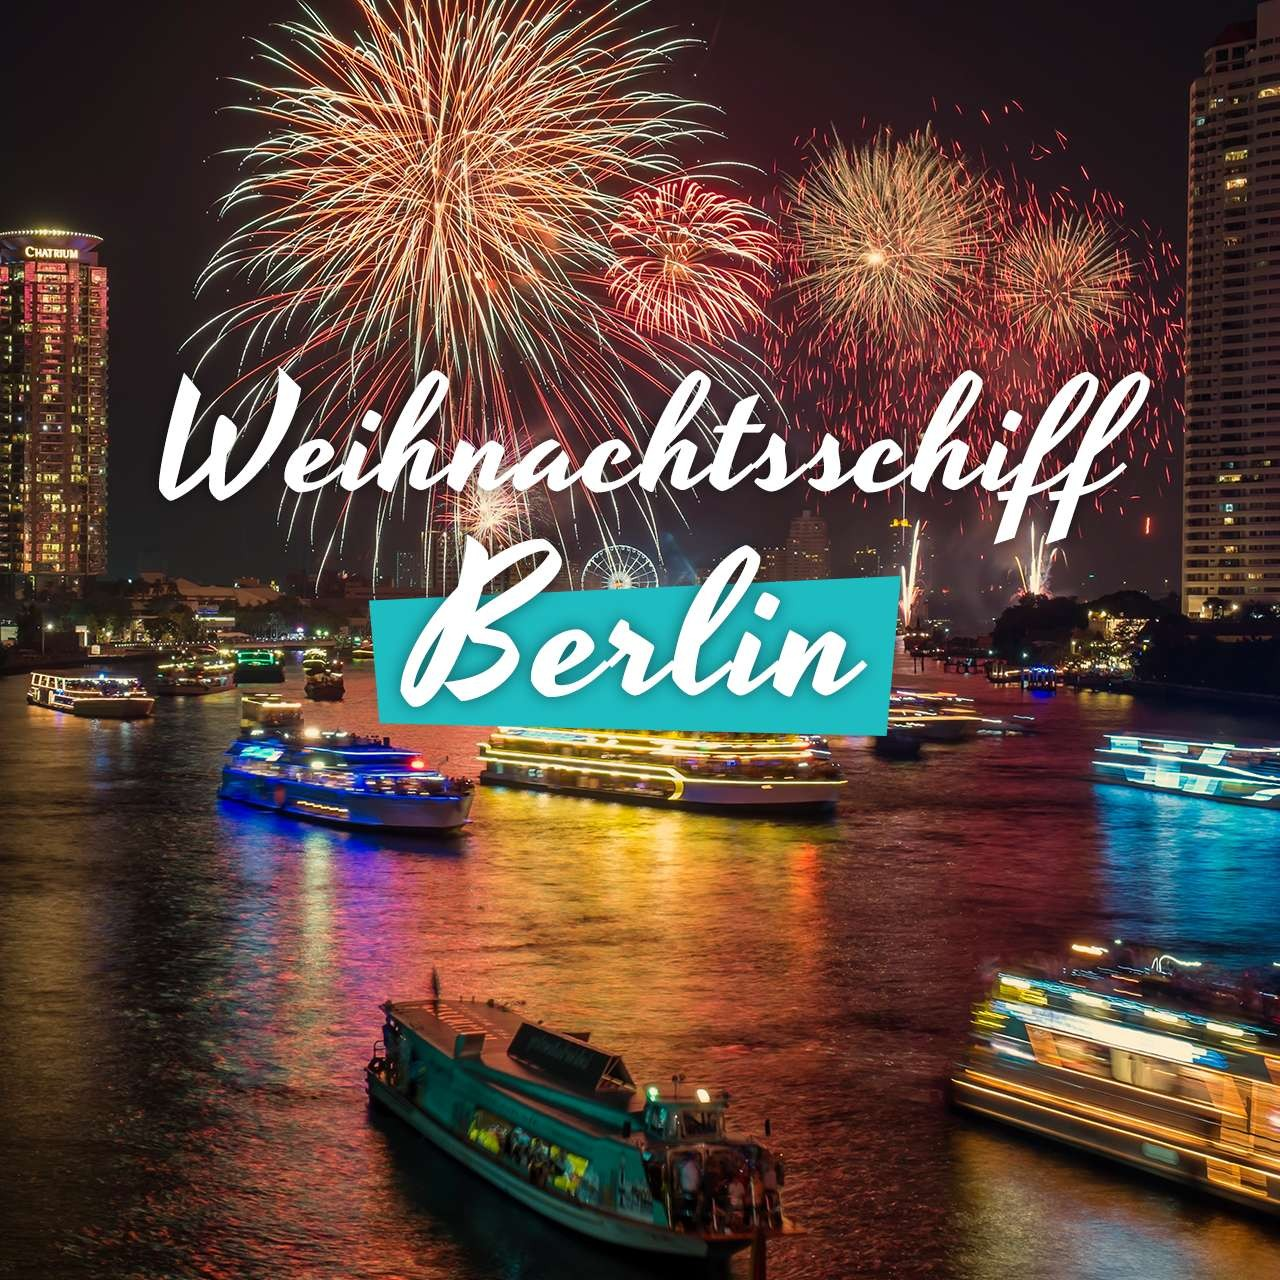 Weihnachtsschiff Berlin